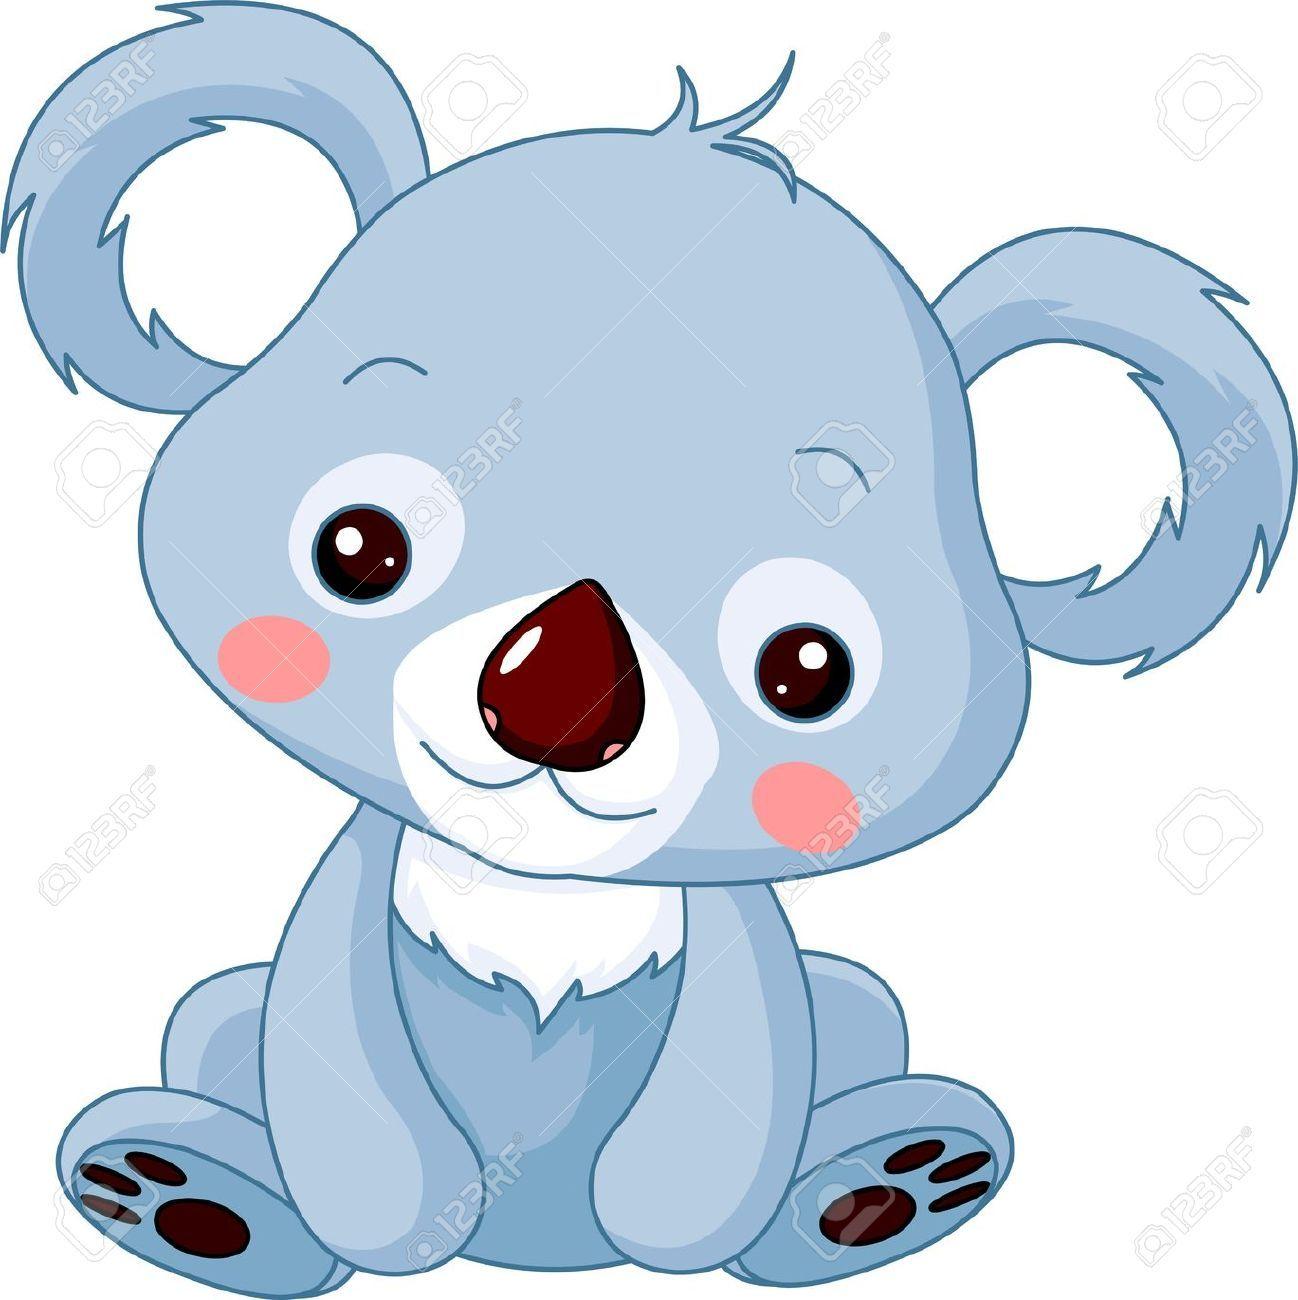 baby koala drawings google search kaiya pinterest baby koala rh pinterest com Penguin Clip Art Lion Clip Art